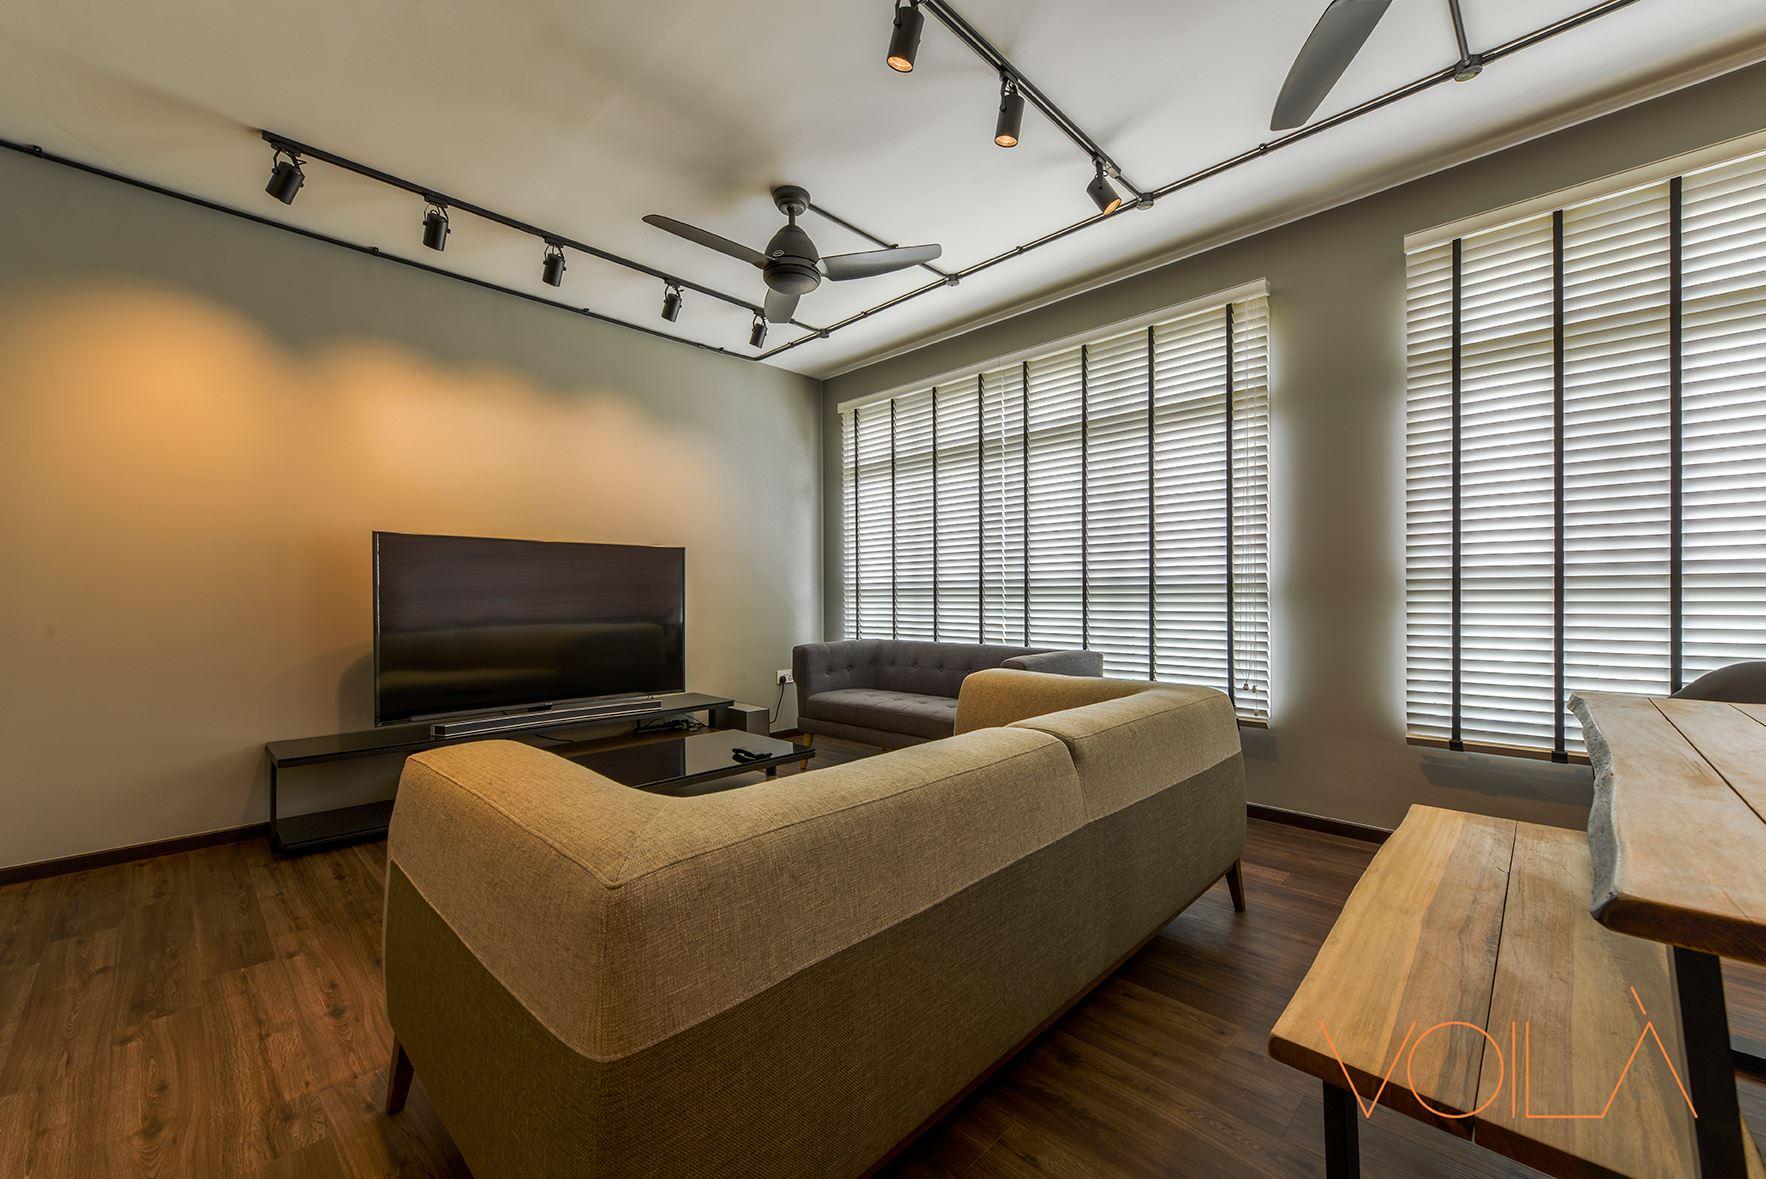 Interior design 1 home renovation singapore for Interior design singapore